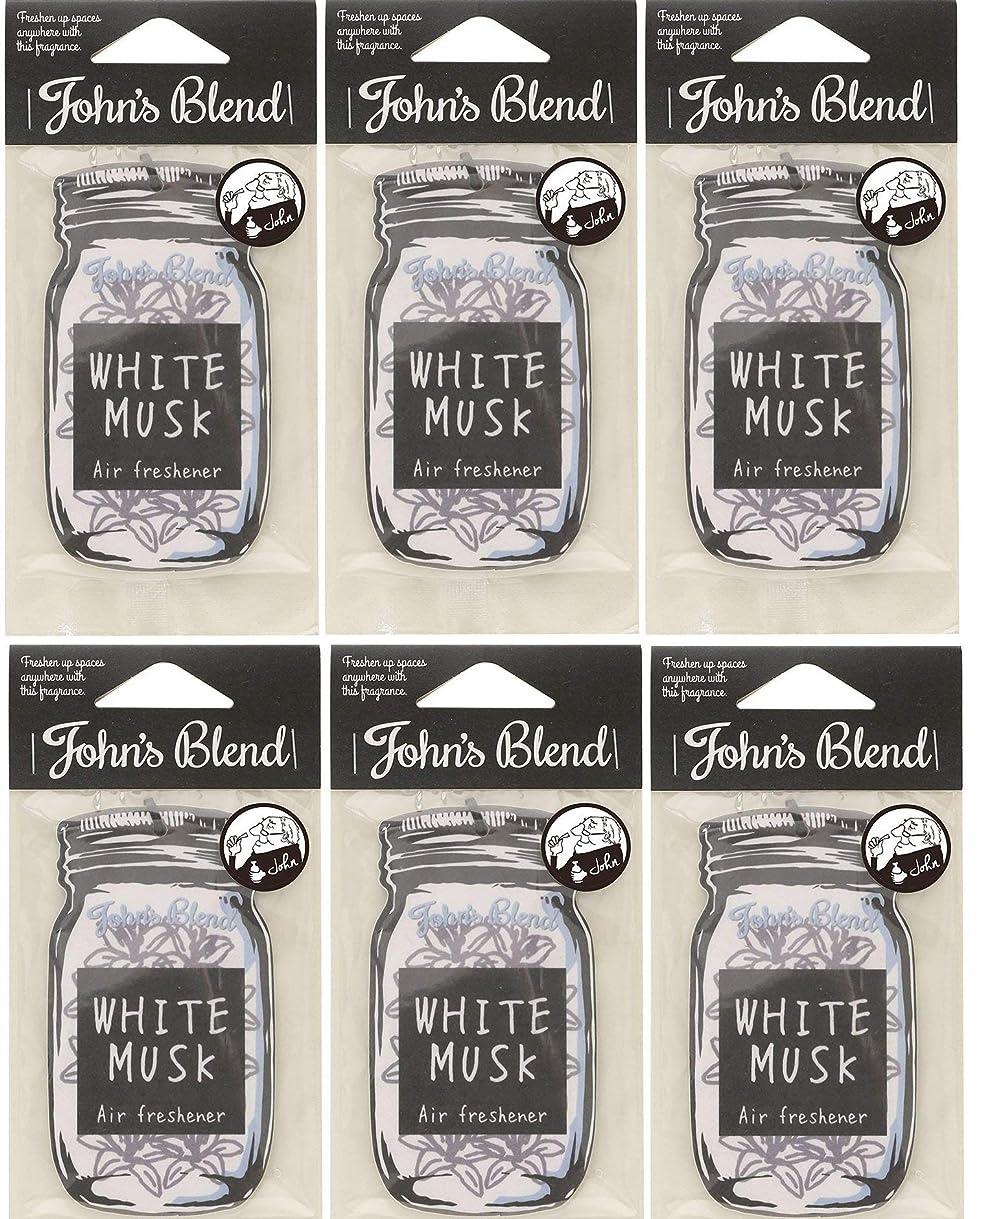 支配するベジタリアン見つけた【6個セット】John'sBlend エアーフレッシュナー WHITEMUSK ノルコーポレーション OAJON0101